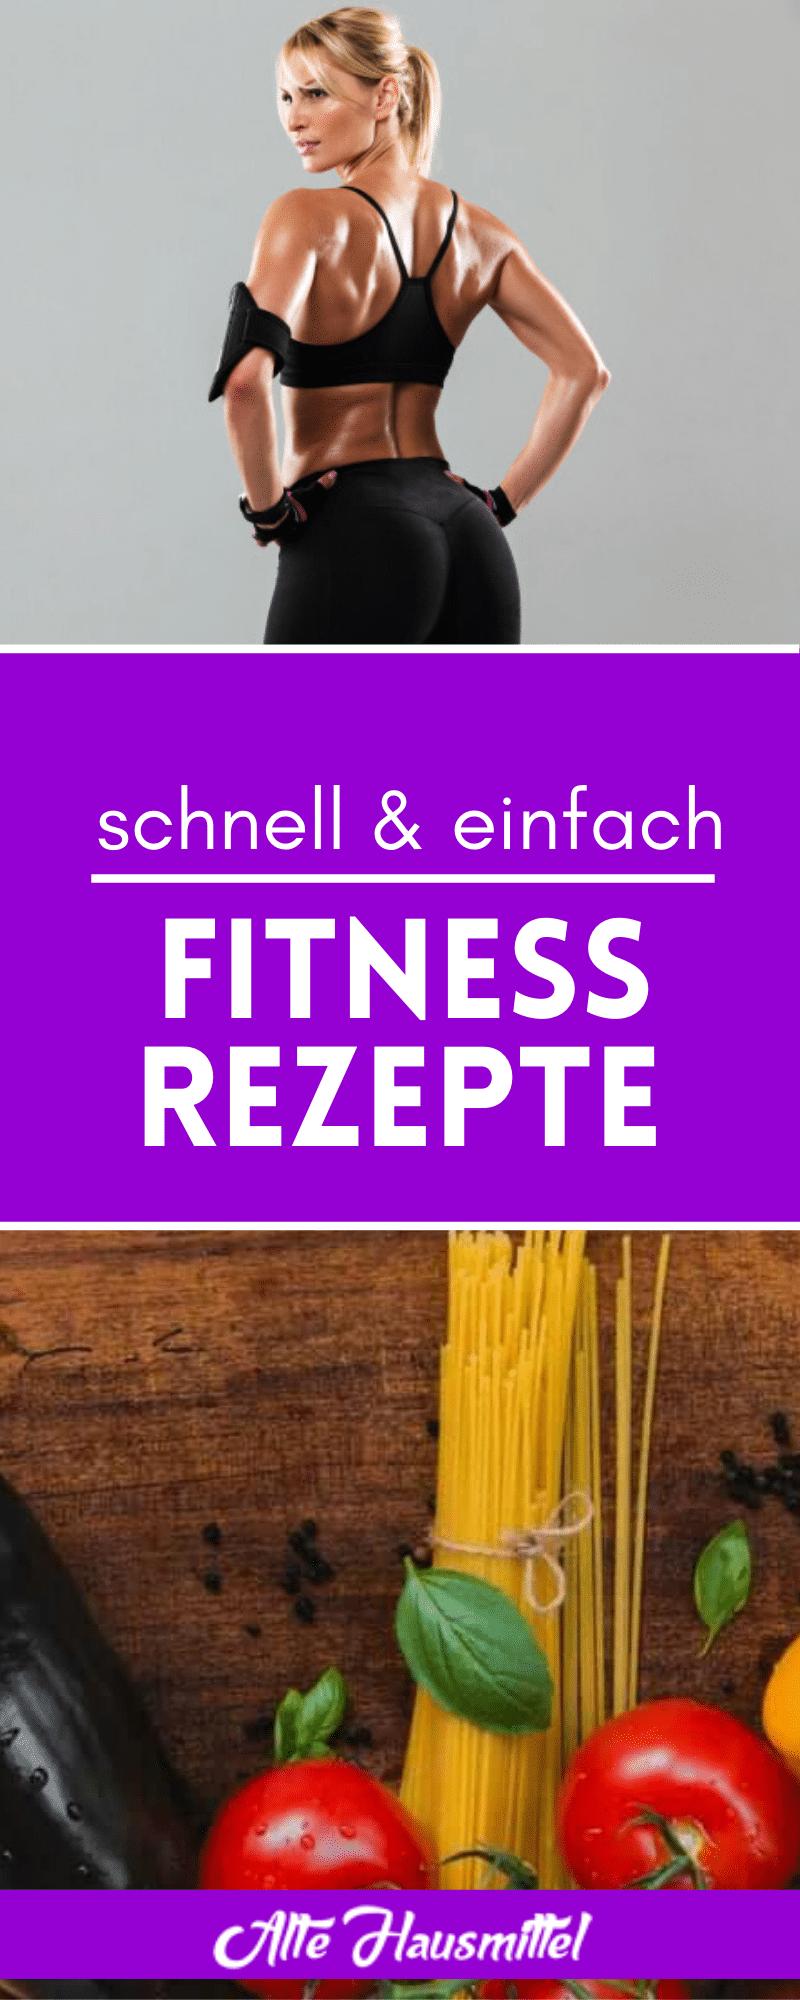 Fitness Rezepte schnell & einfach